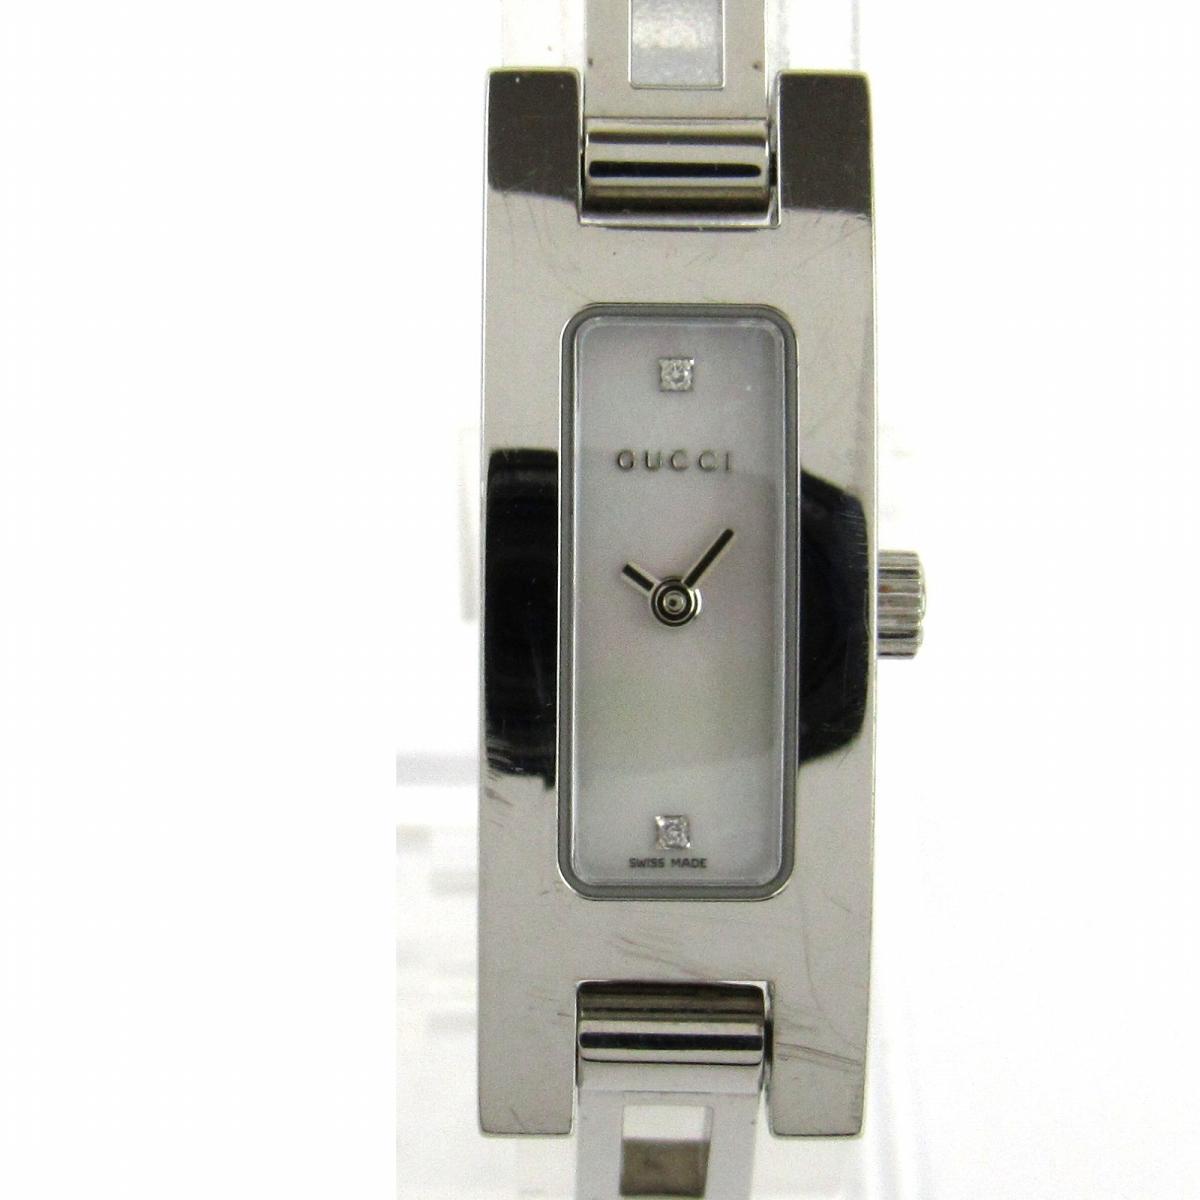 【中古】 グッチ ウォッチ 腕時計 レディース ステンレススチール (SS) x ダイヤモンド (3900L) | GUCCI BRANDOFF ブランドオフ ブランド ブランド時計 ブランド腕時計 時計